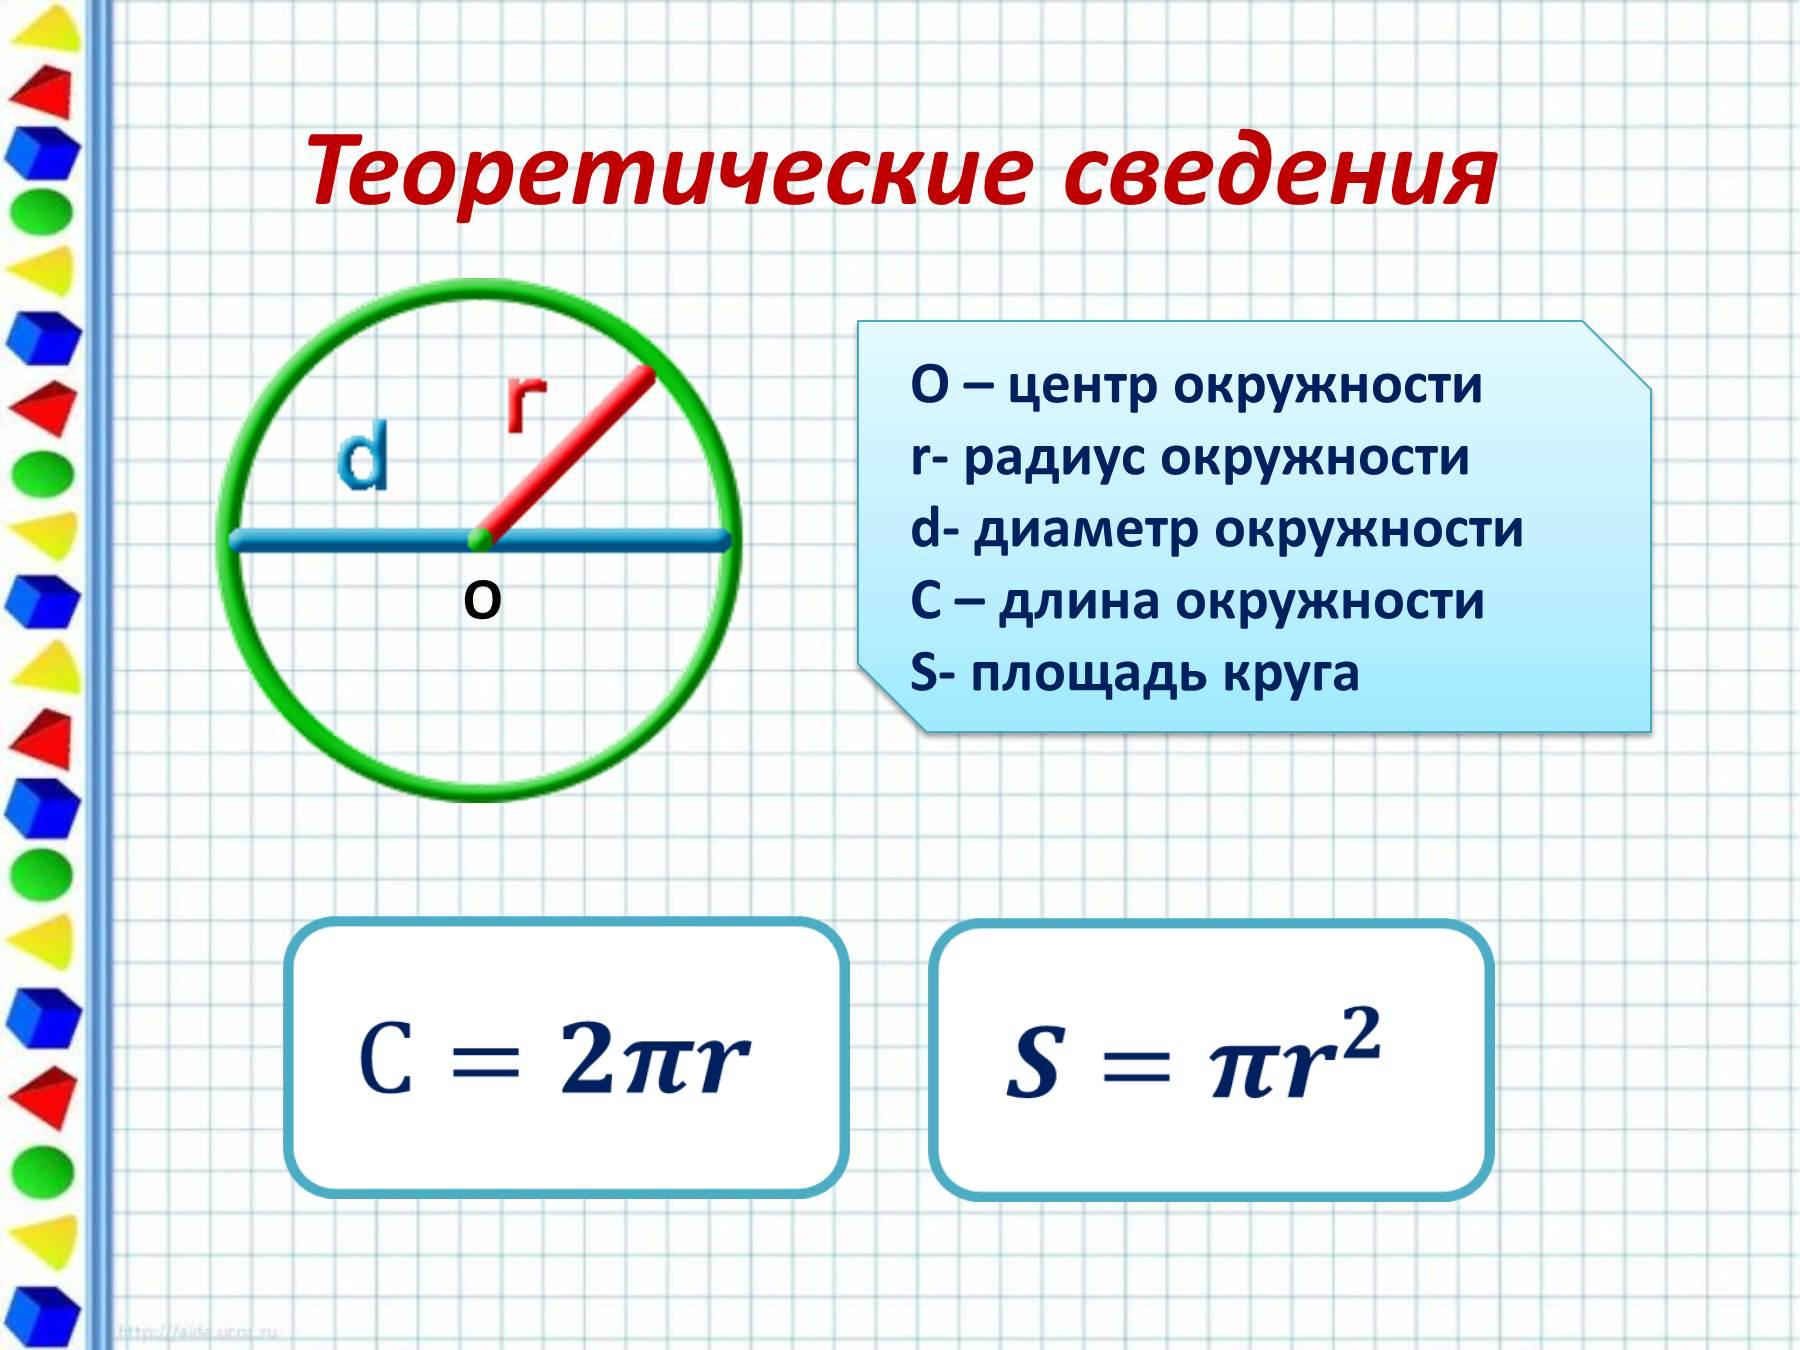 Как сделать радиус окружности 10